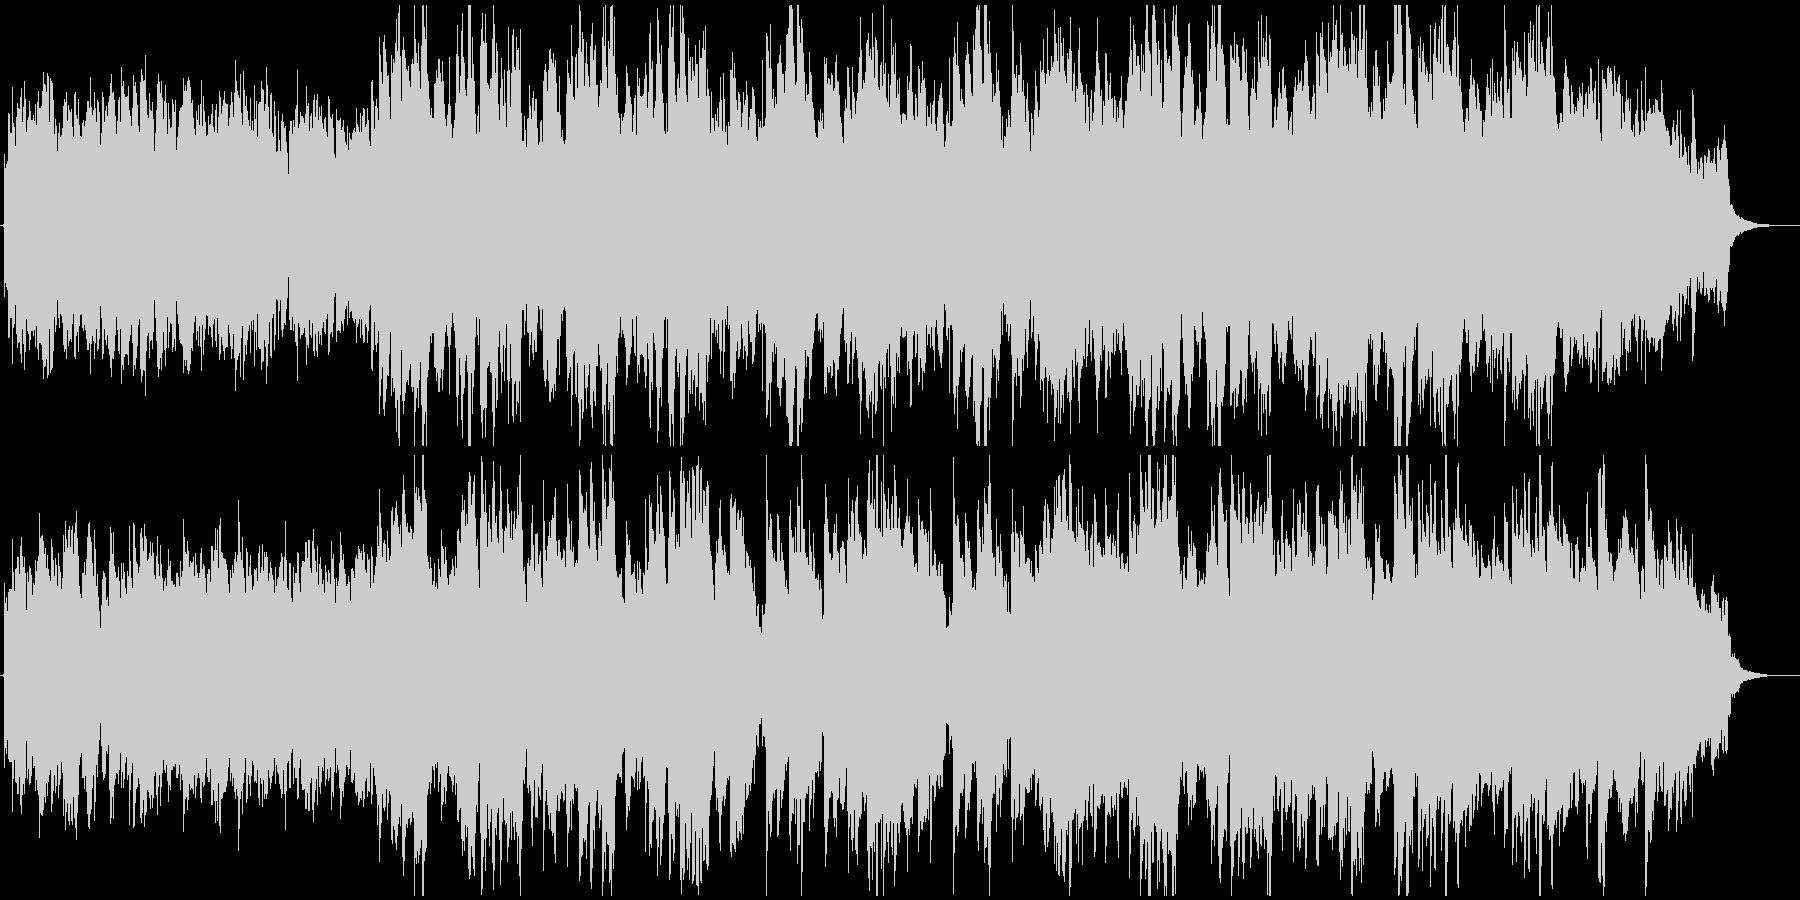 ポールモーリア風のドラマチックなピアノ曲の未再生の波形